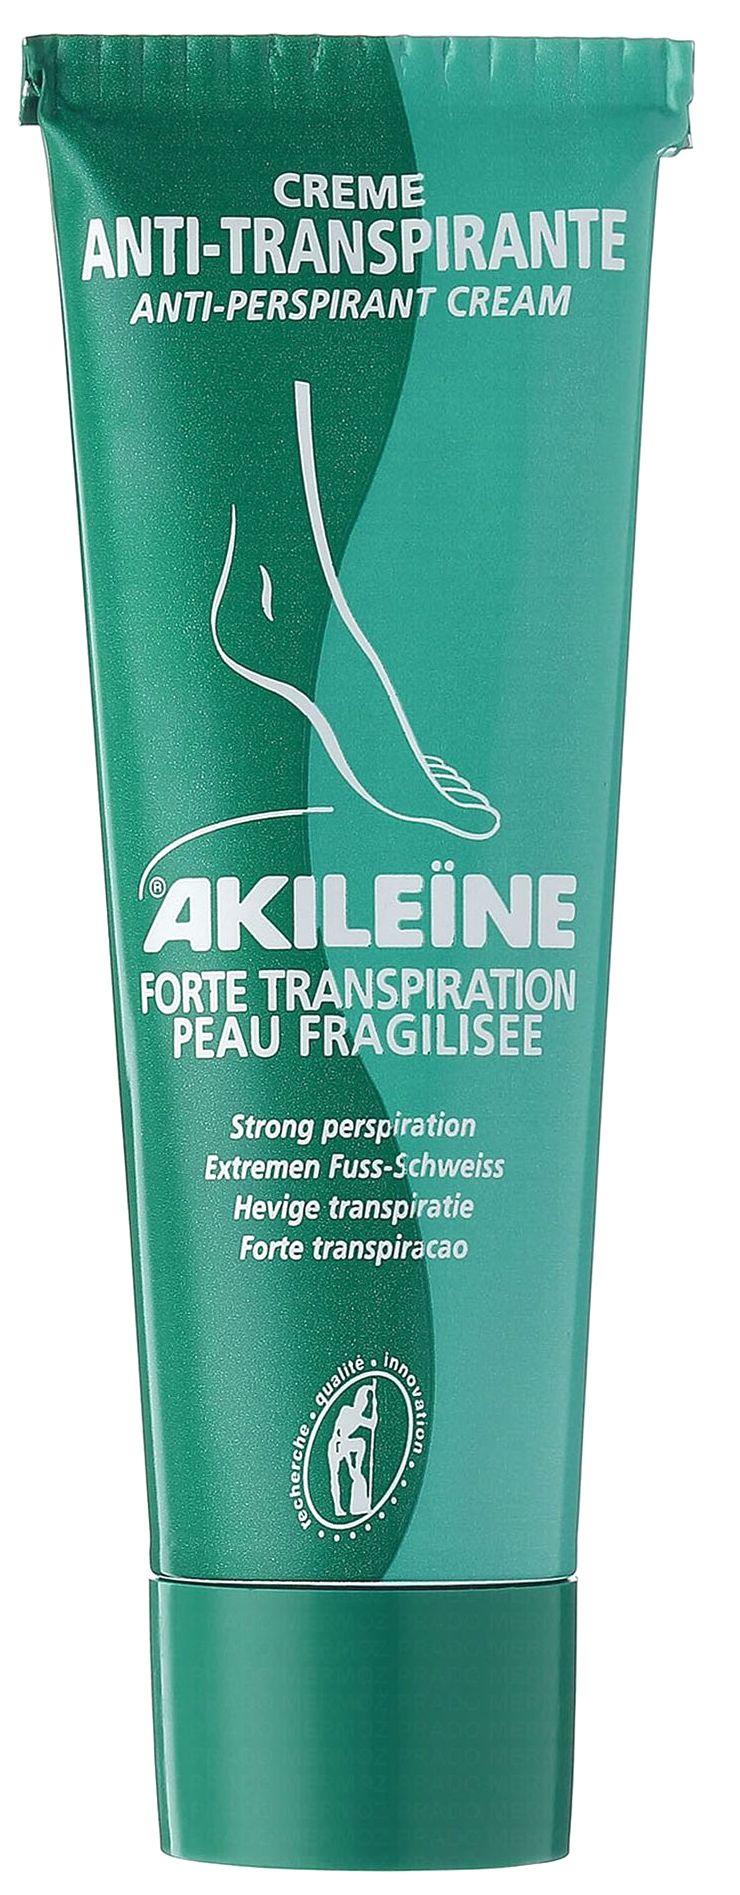 akileine_crema_anti_transpirante.jpg